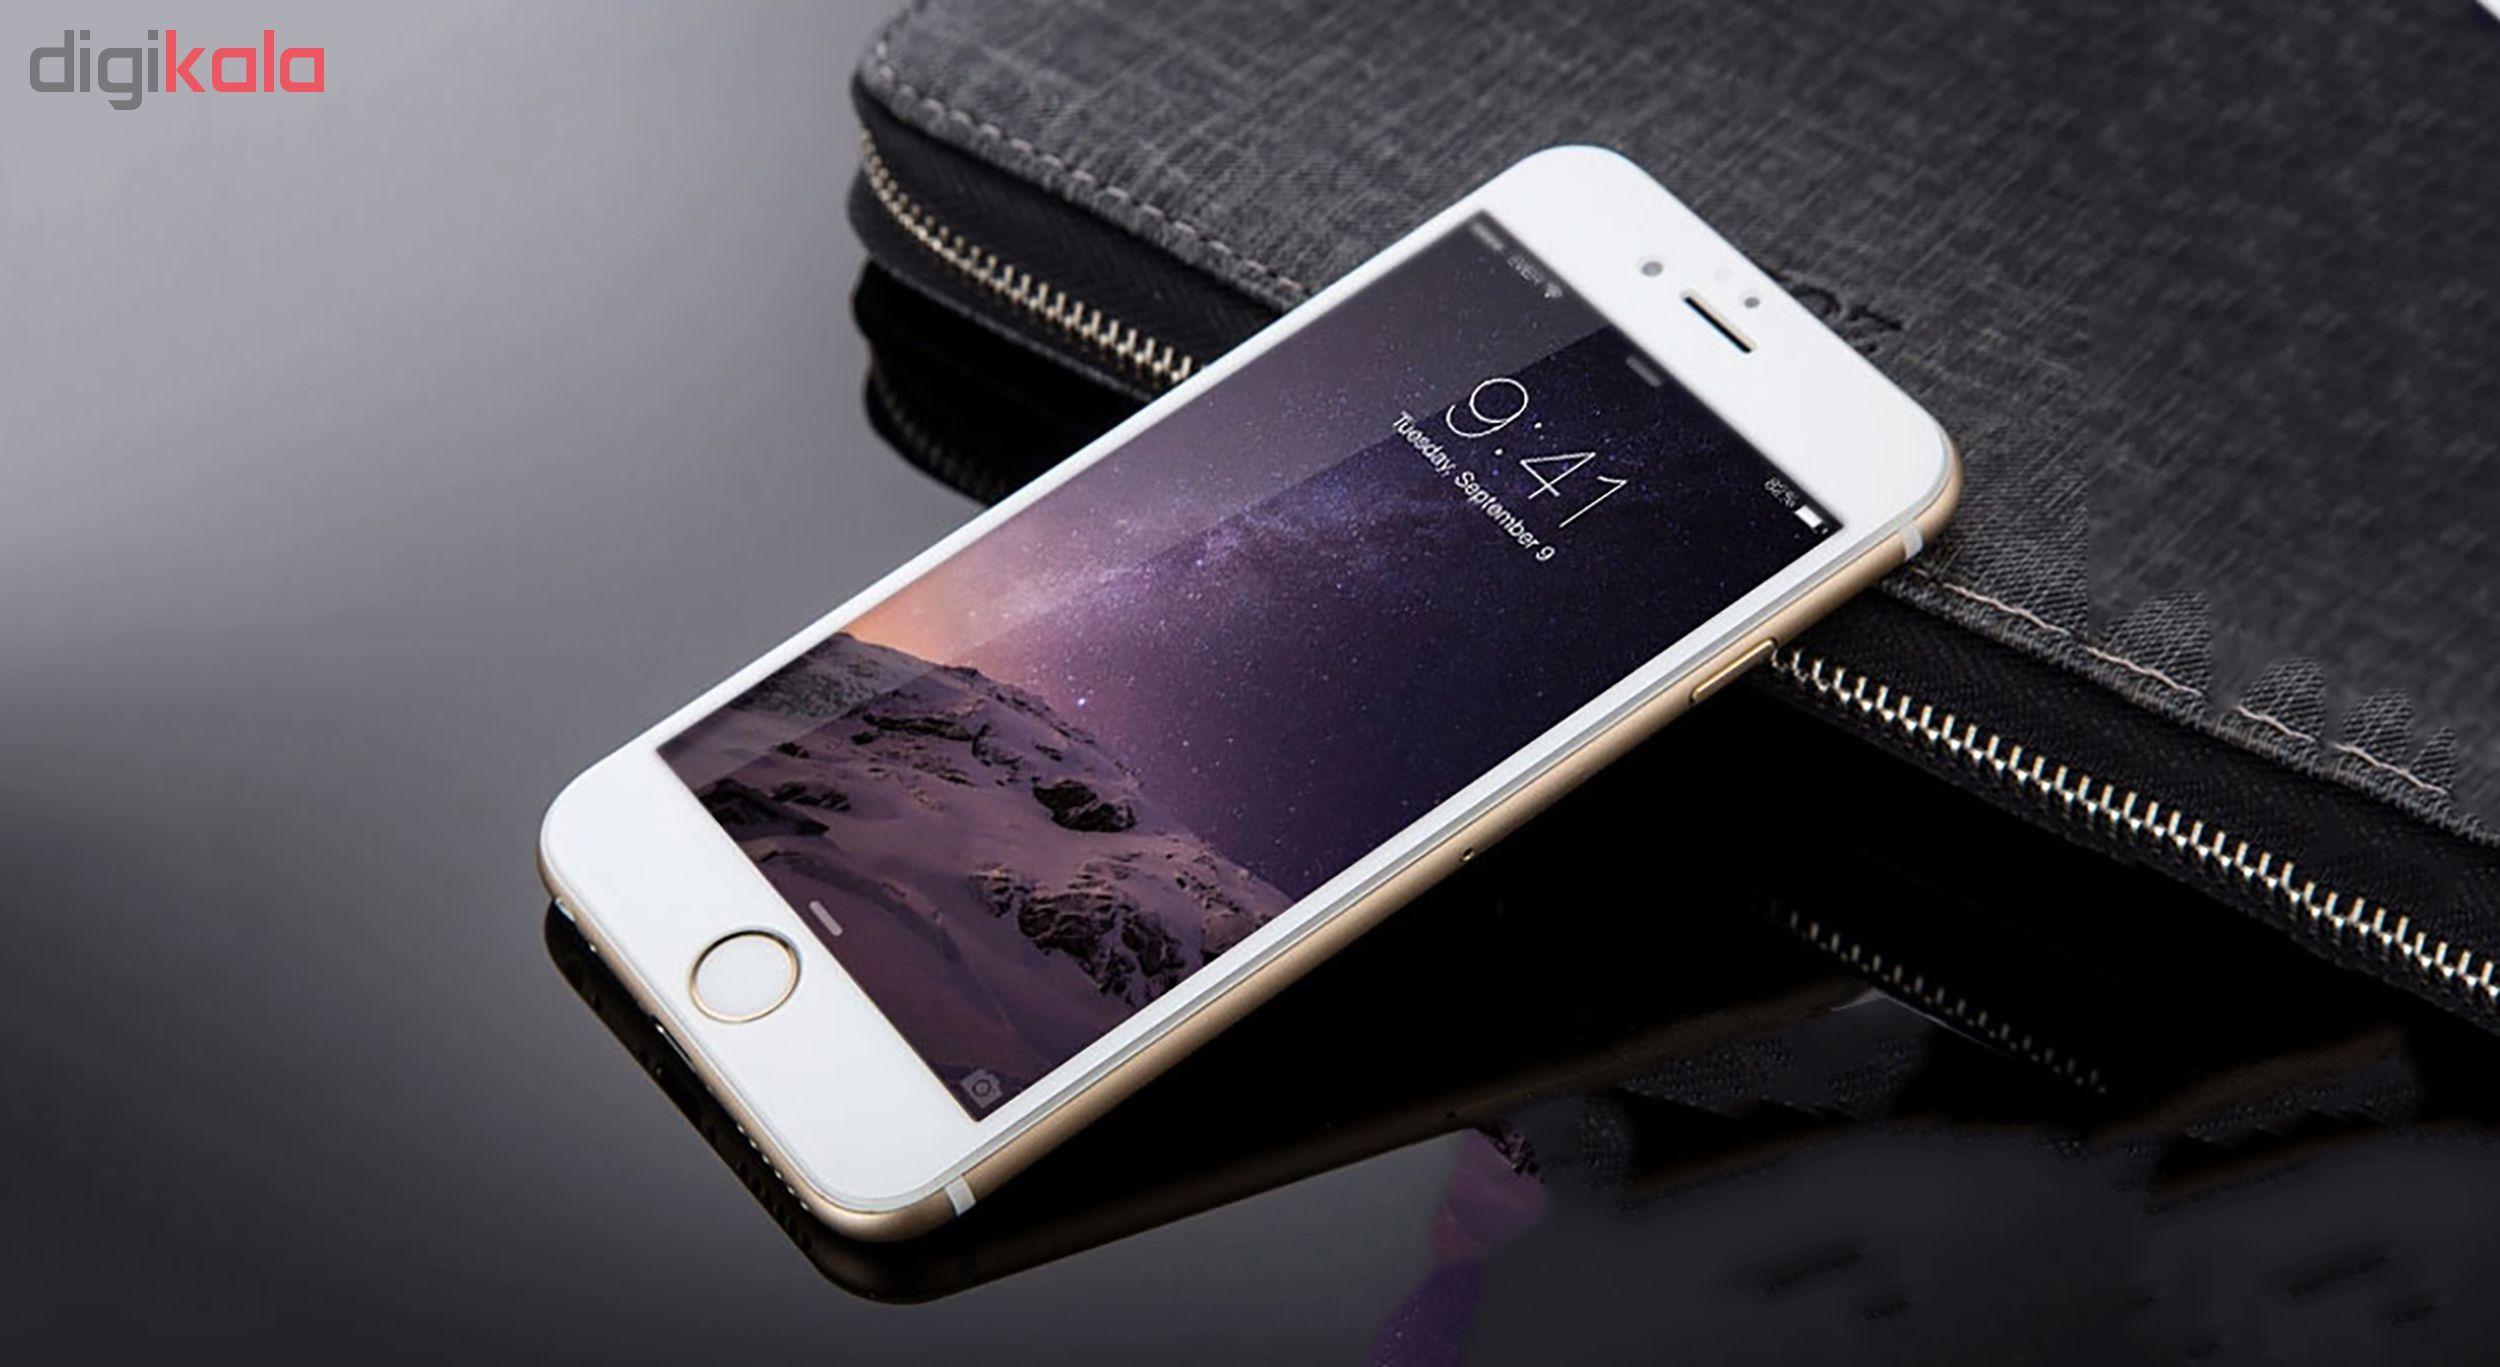 محافظ صفحه نمایش سومگ مدل 9-Nitro مناسب برای گوشی موبایل اپل Iphone 6s Plus  main 1 8